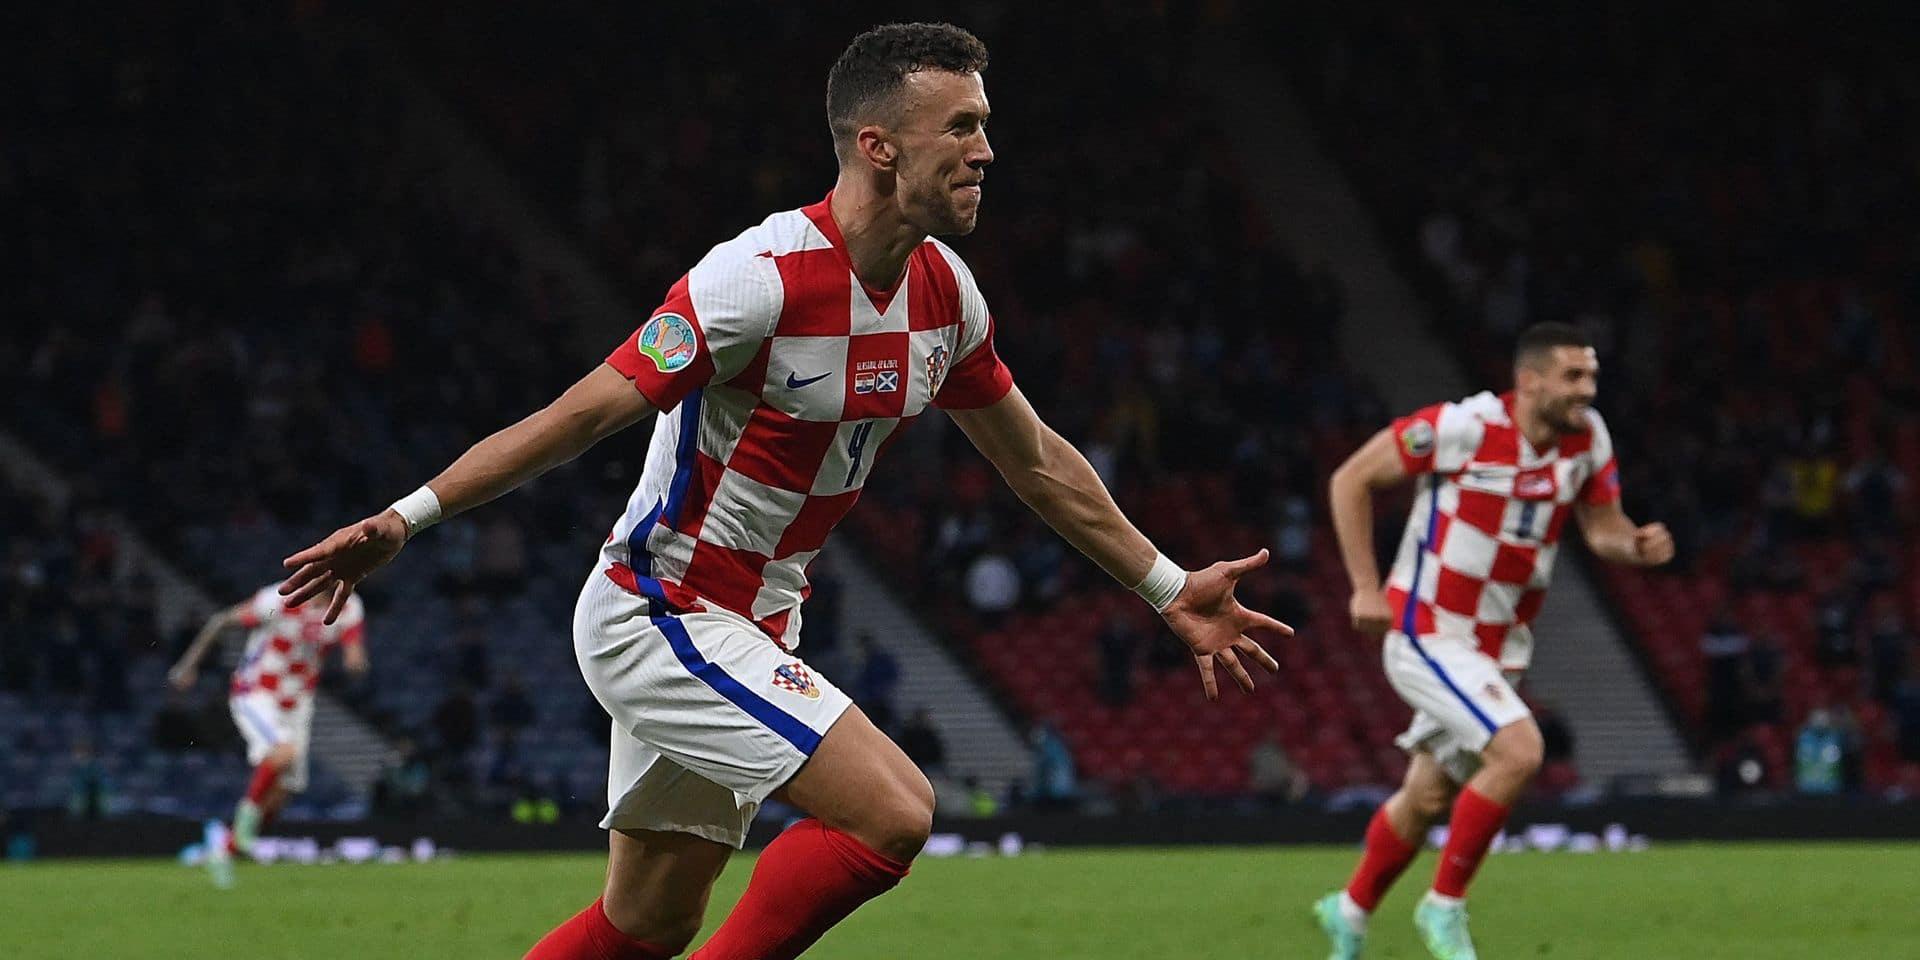 L'Angleterre première, La République Tchèque et la Croatie qualifiées, l'Ecosse quitte le tournoi